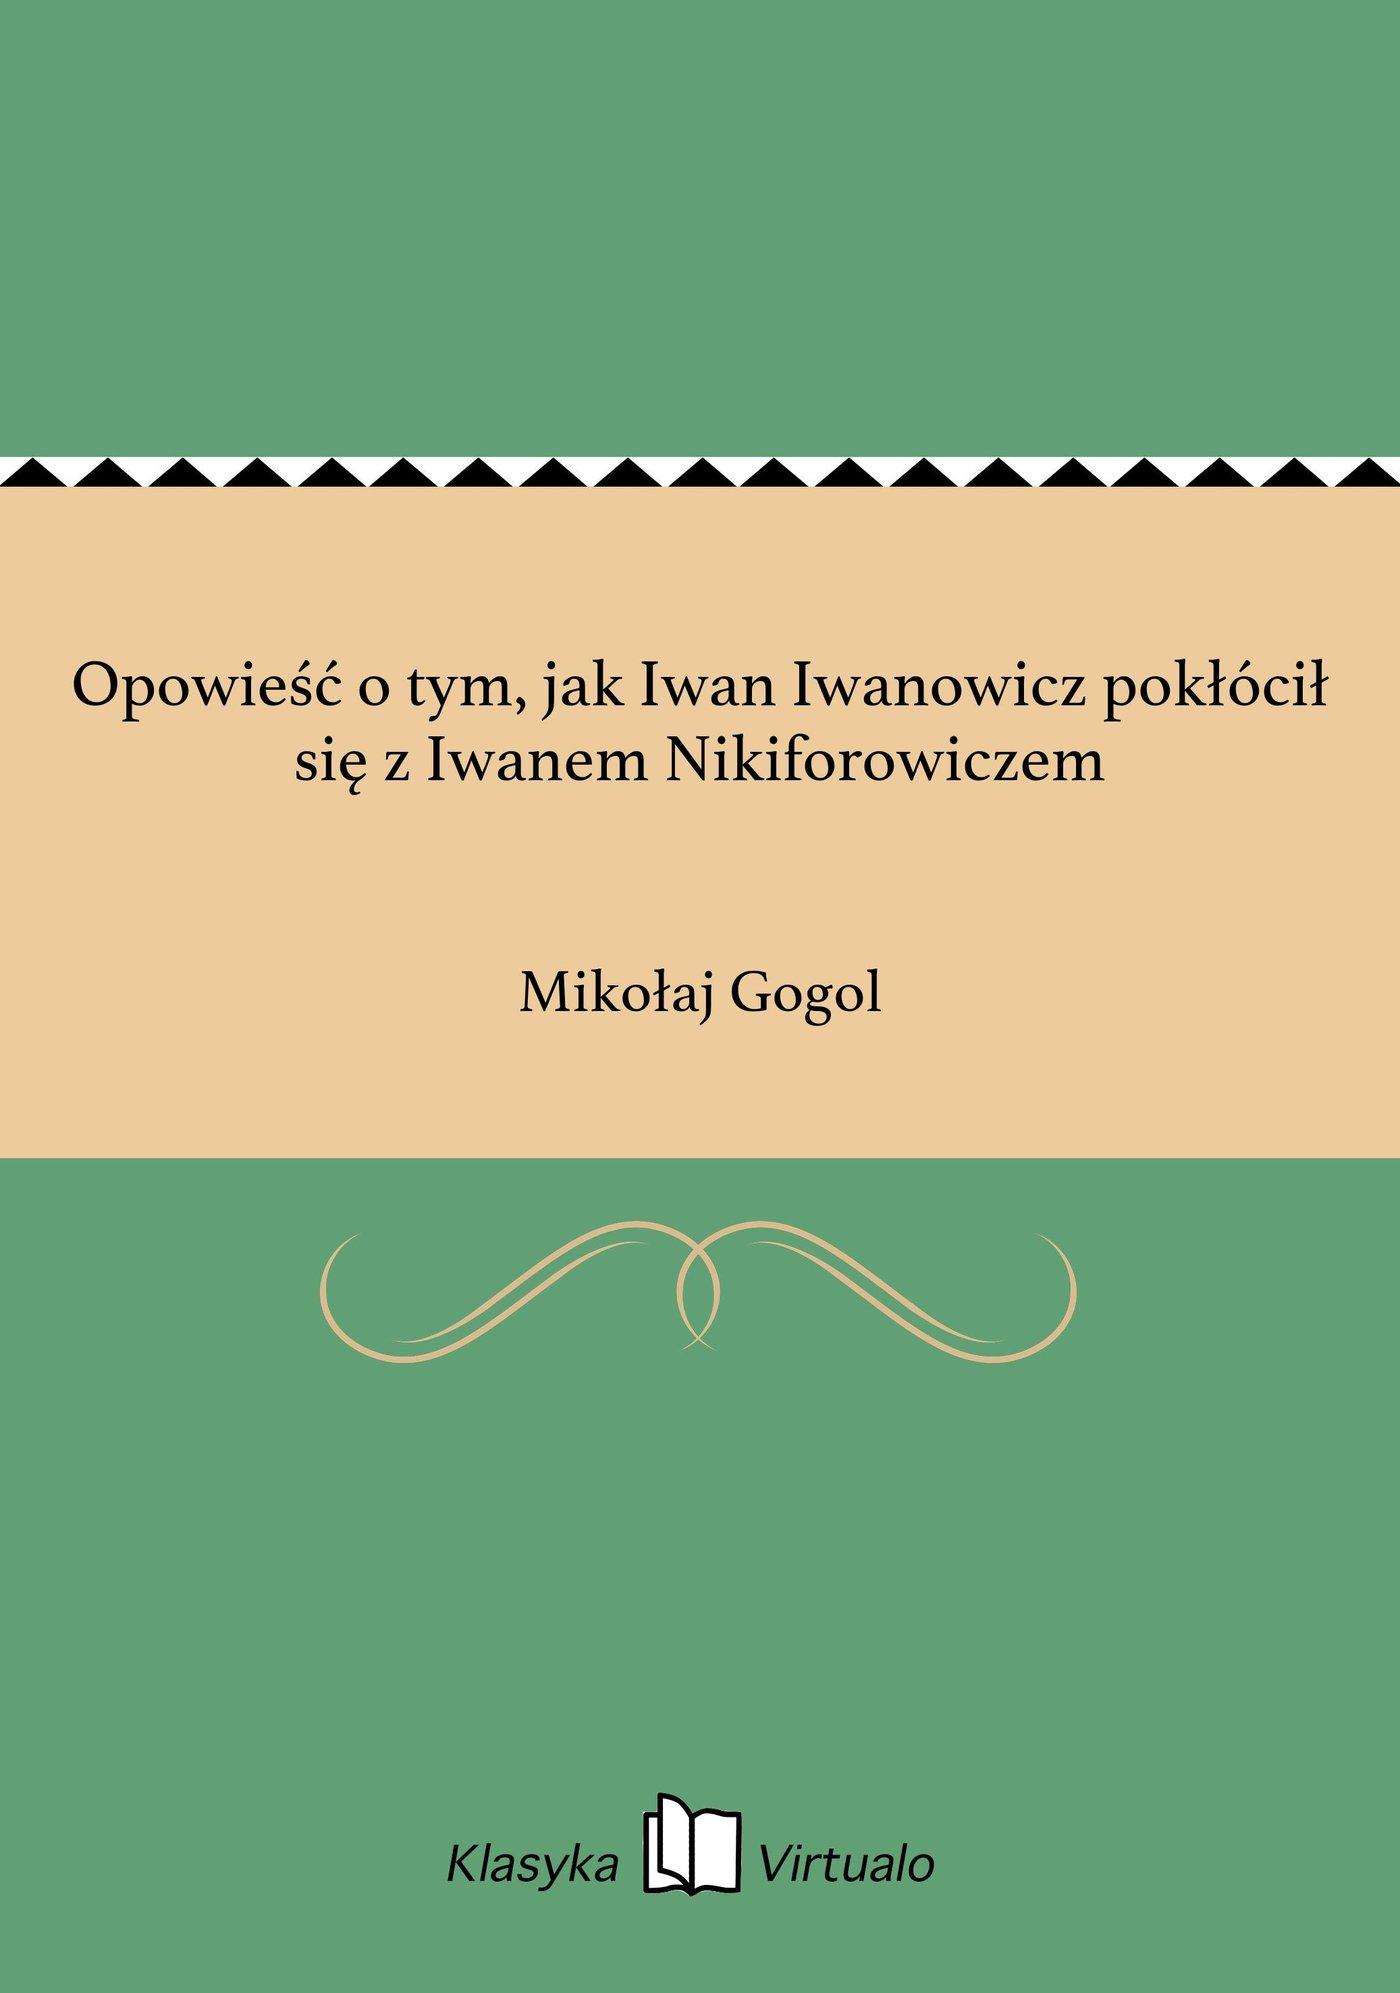 Opowieść o tym, jak Iwan Iwanowicz pokłócił się z Iwanem Nikiforowiczem - Ebook (Książka na Kindle) do pobrania w formacie MOBI